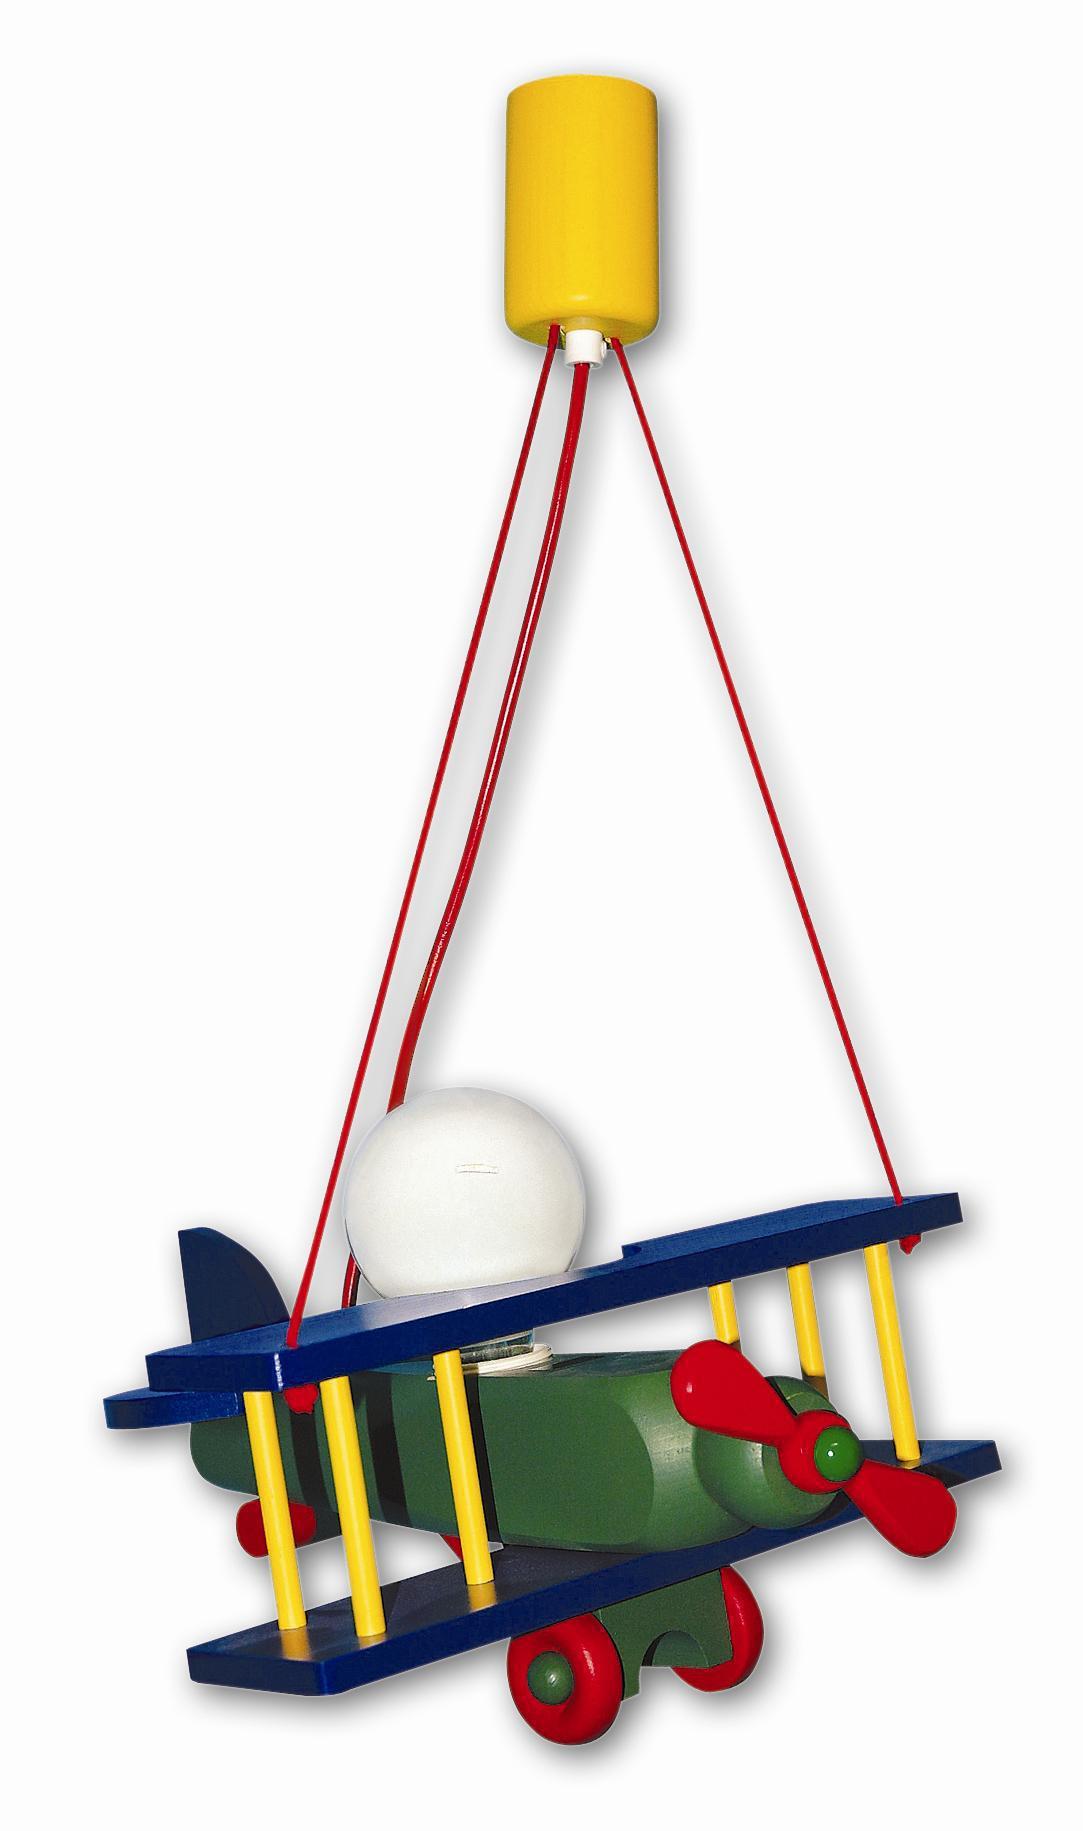 kinderlampe flugzeug klein bunt pendelleuchten aus holz. Black Bedroom Furniture Sets. Home Design Ideas